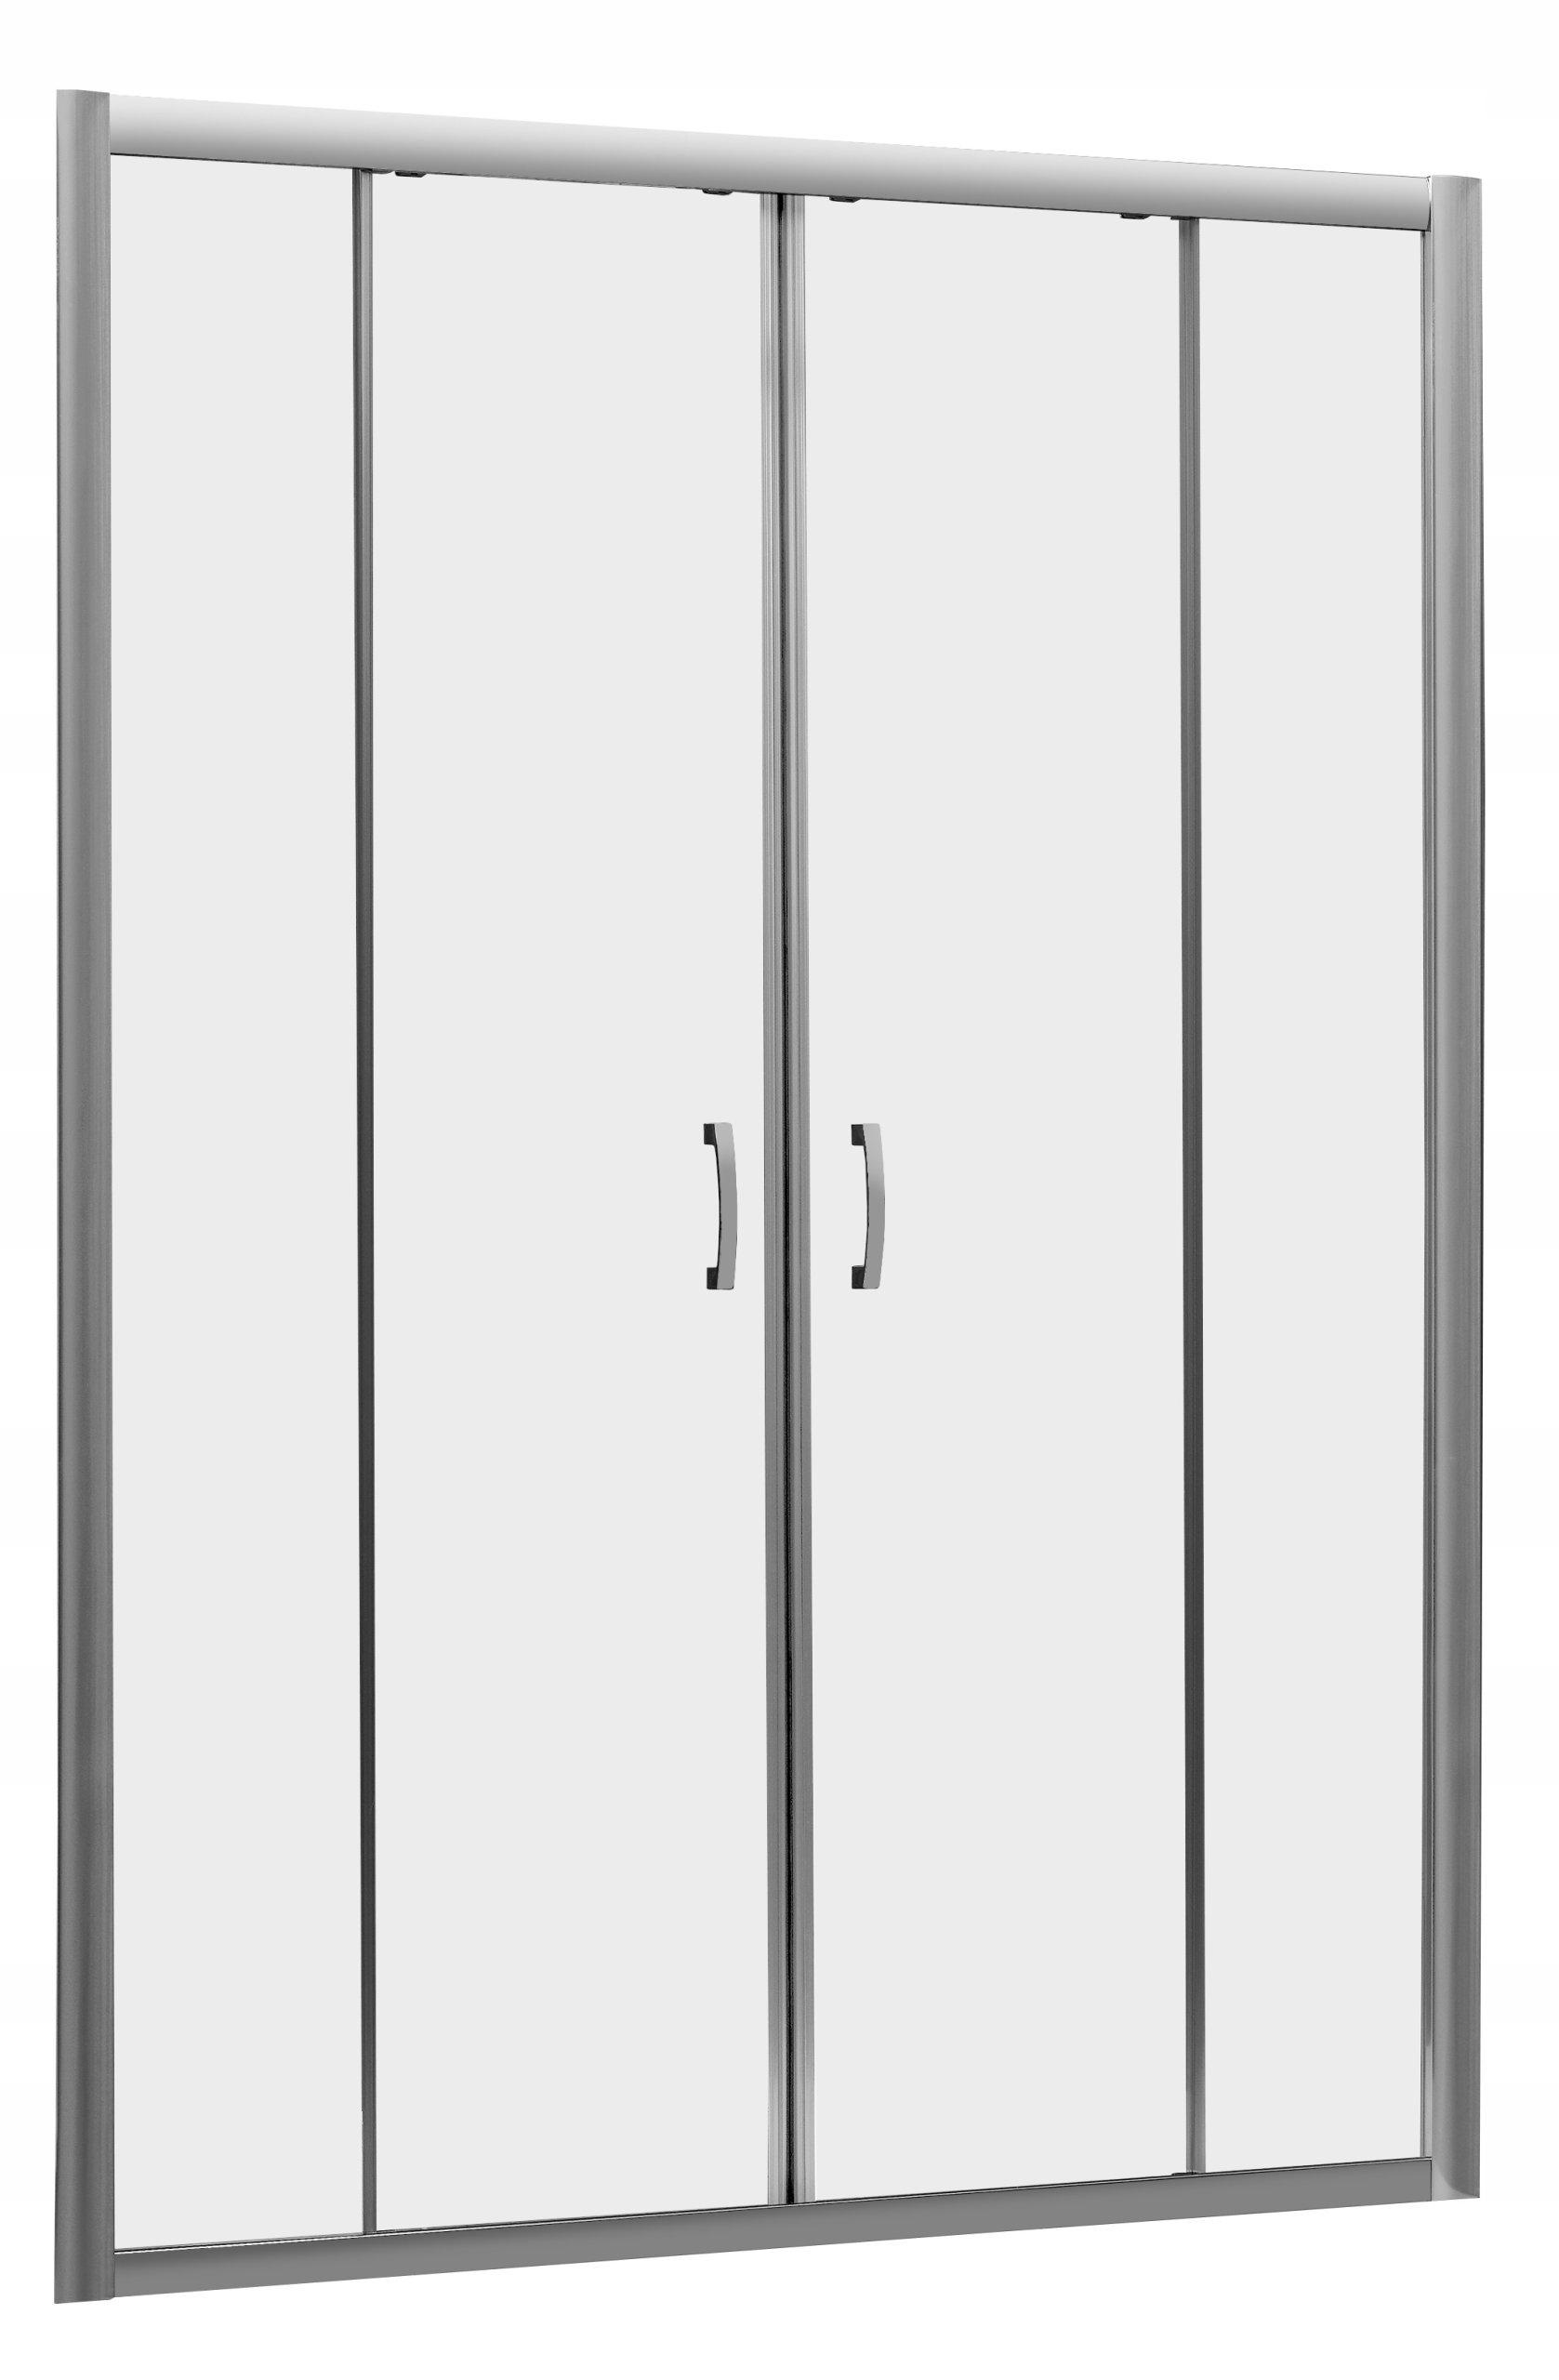 Sprchové dvere Premium Plus DWD 180x190 RADAWAY